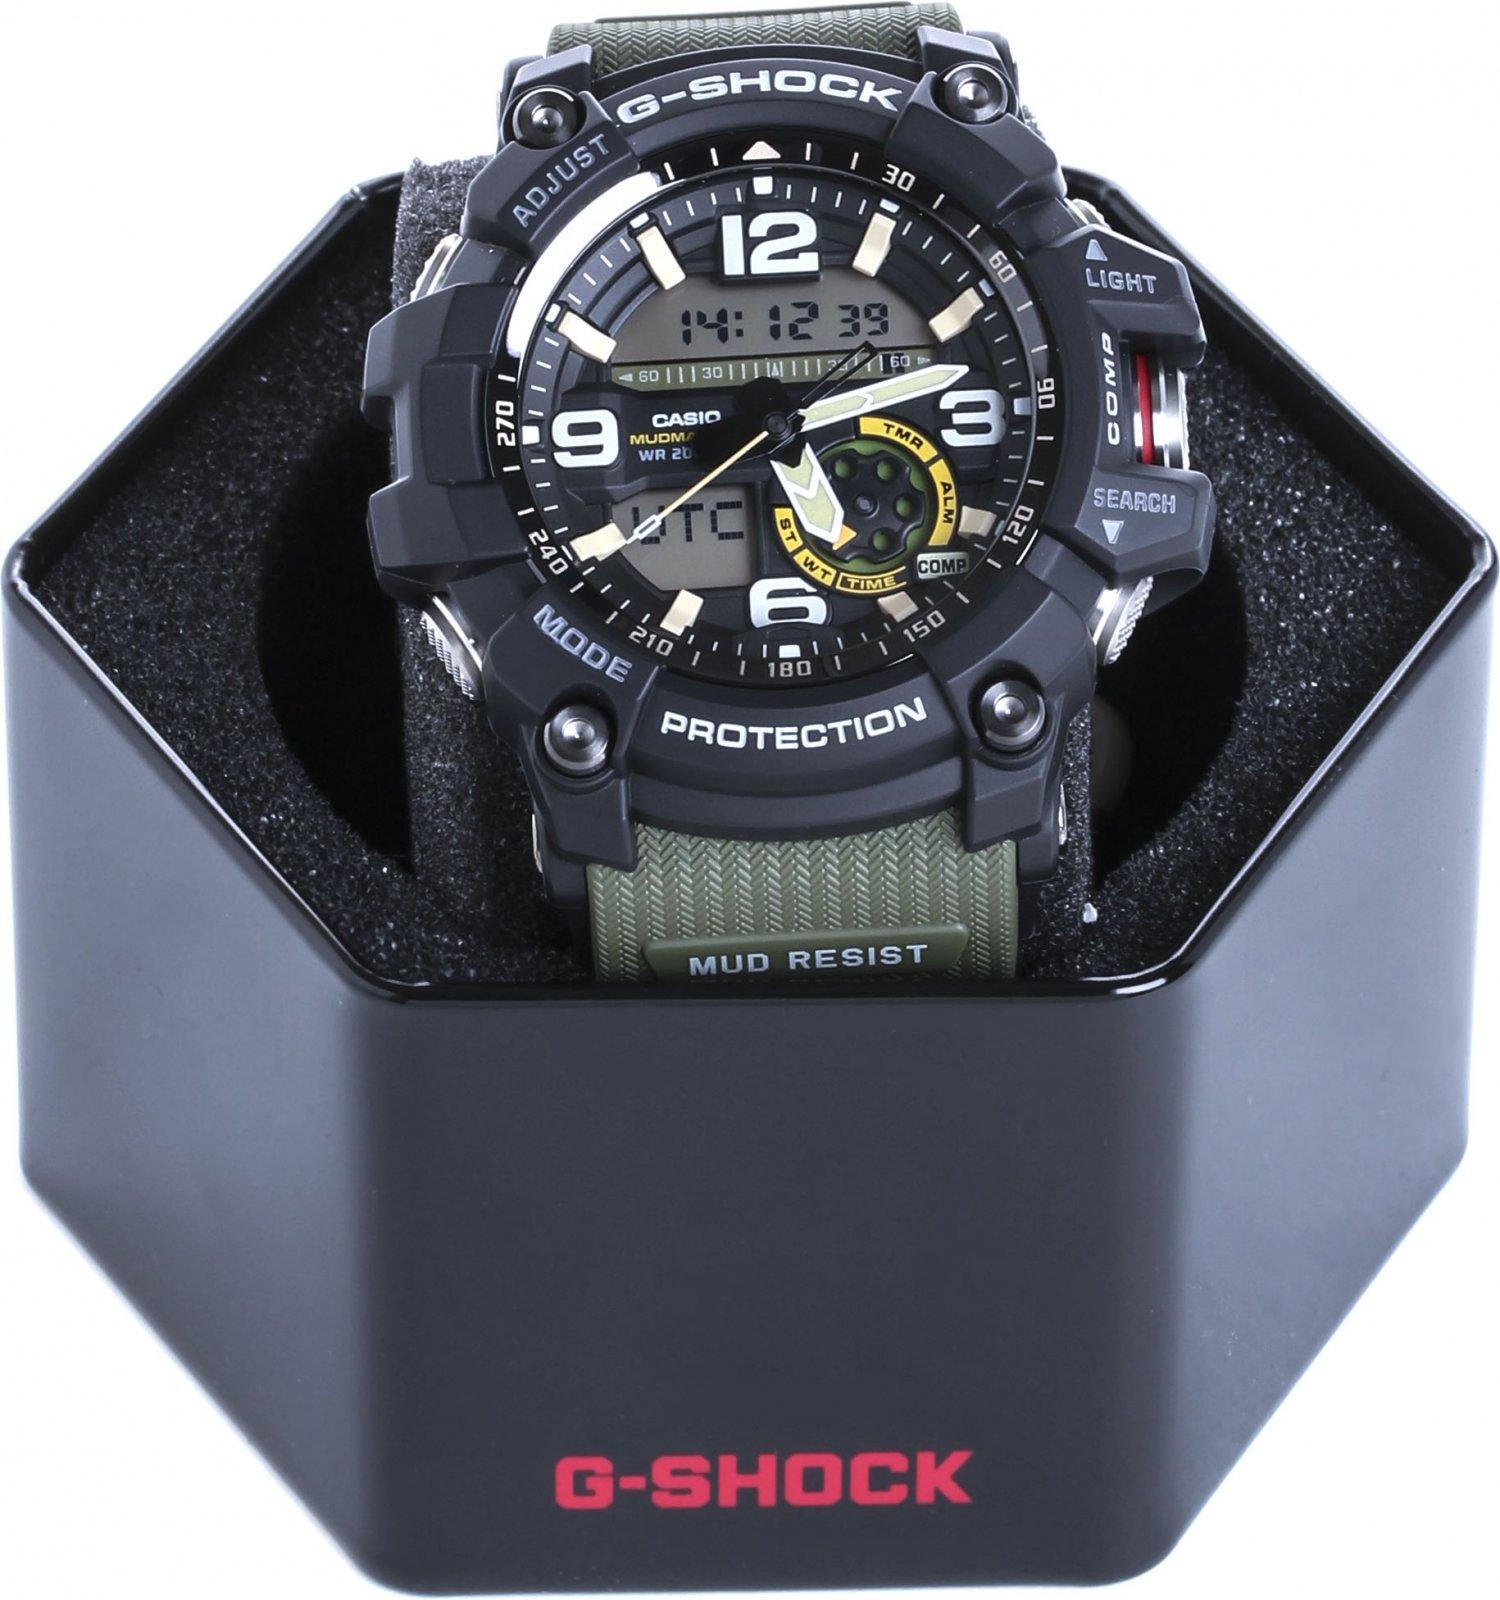 Купить часы касио джи шок по выгодной цене можно в интернет магазине мажор.